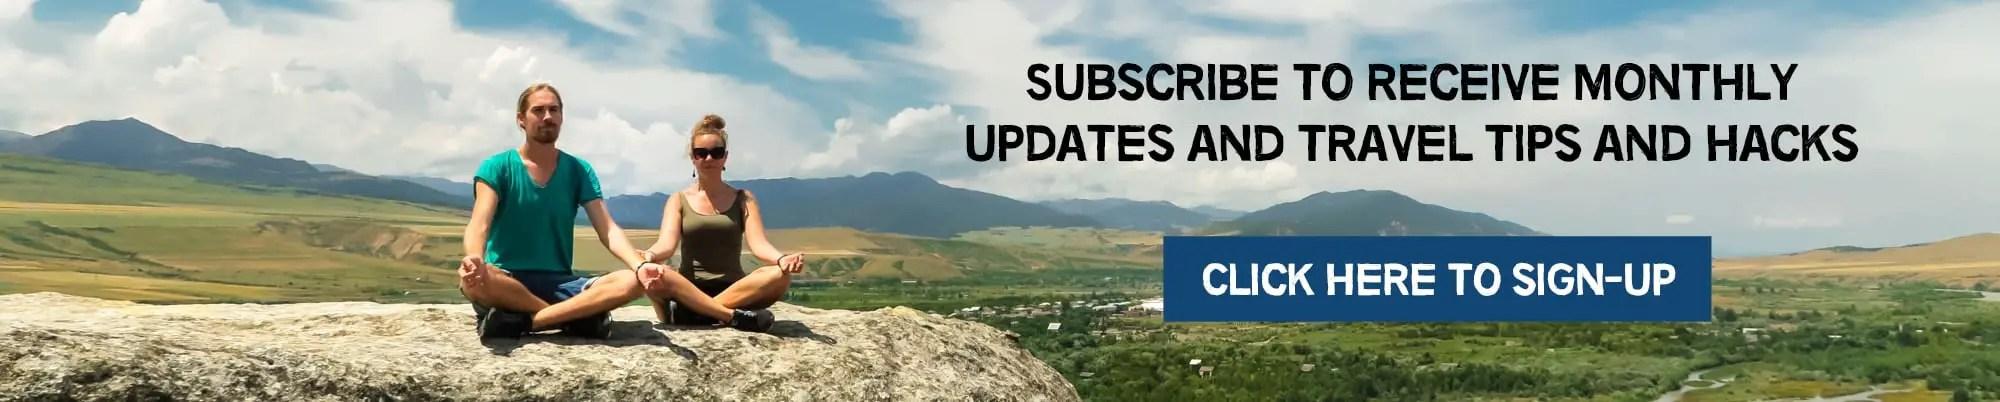 Timezone junkies newsletter banner